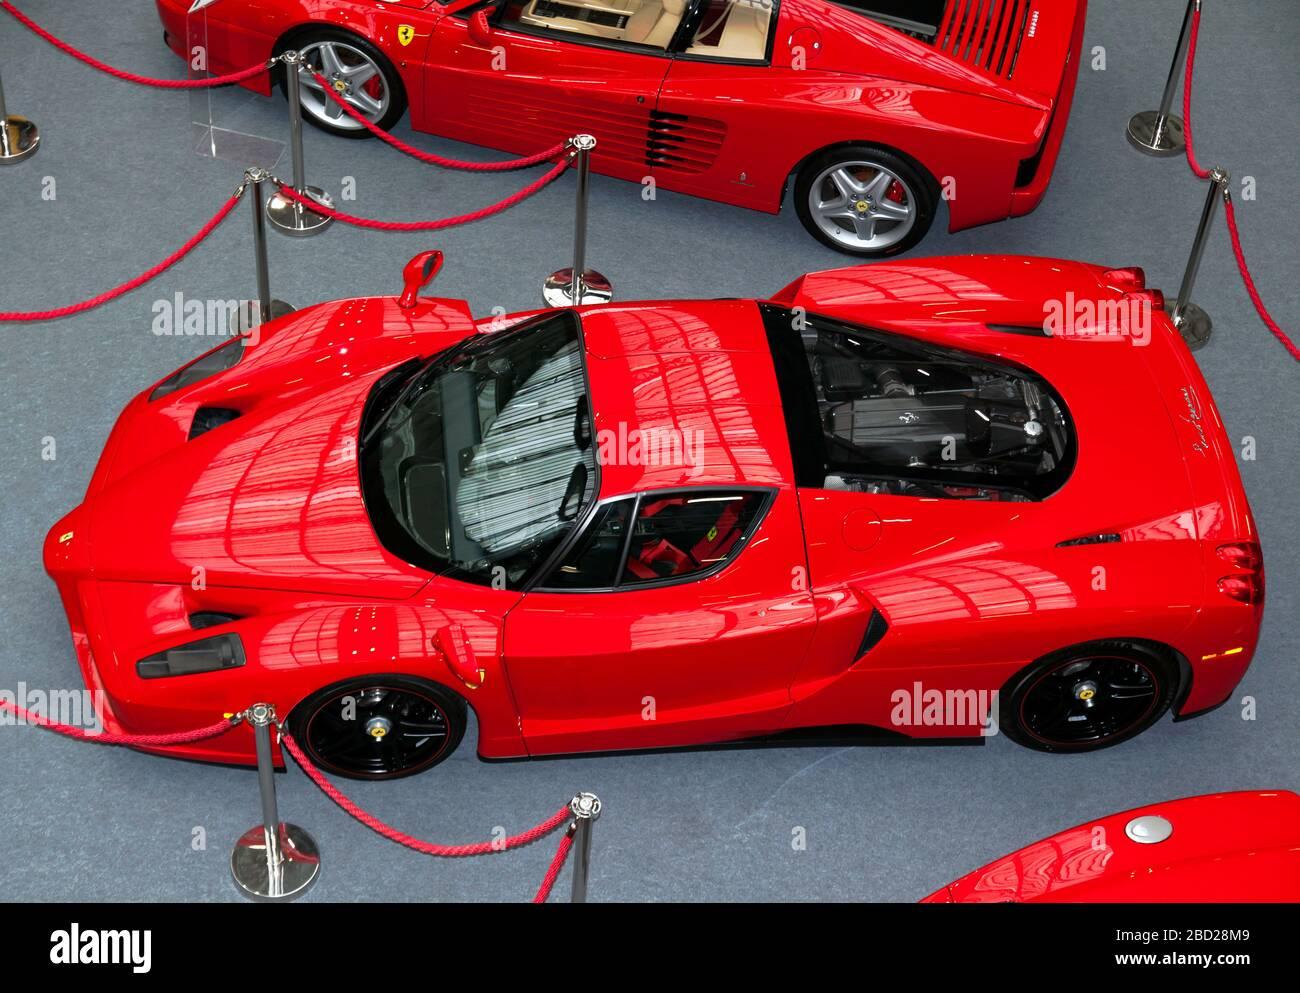 Vue aérienne d'un Red, 2004, Ferrari Enzo, à l'exposition au salon de voiture classique de Londres 2020 Banque D'Images